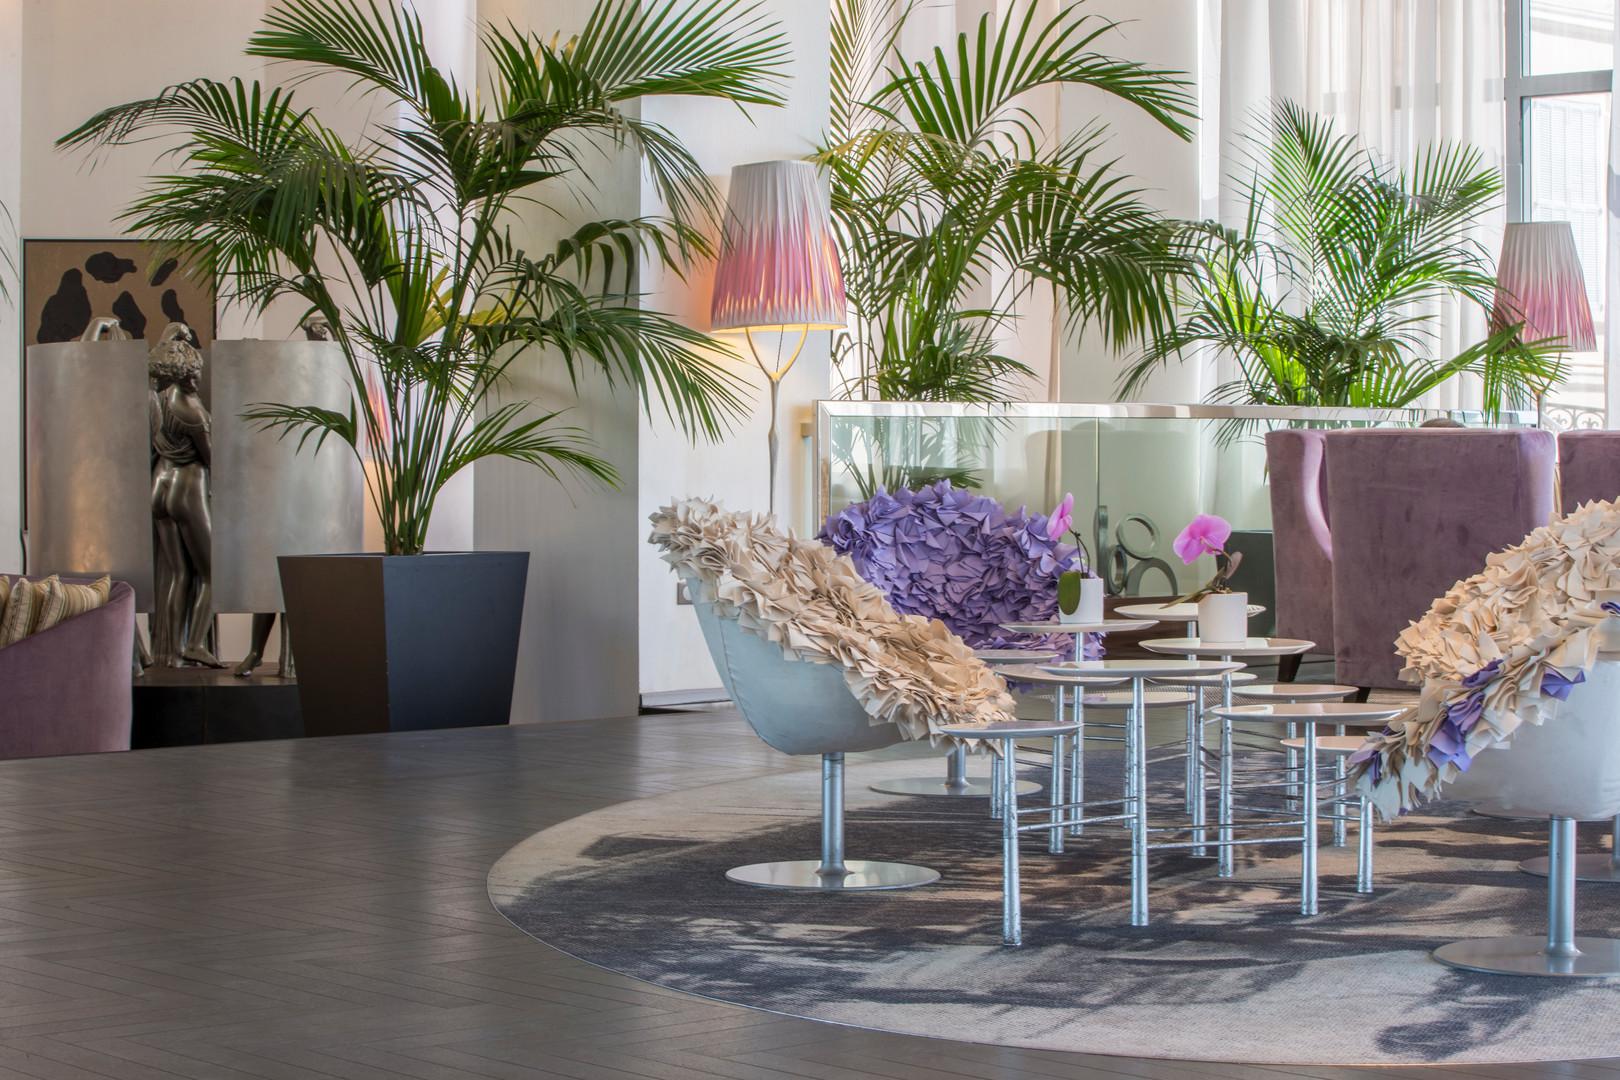 Radisson Blu 1835 Hotel & Thalasso - Lobby